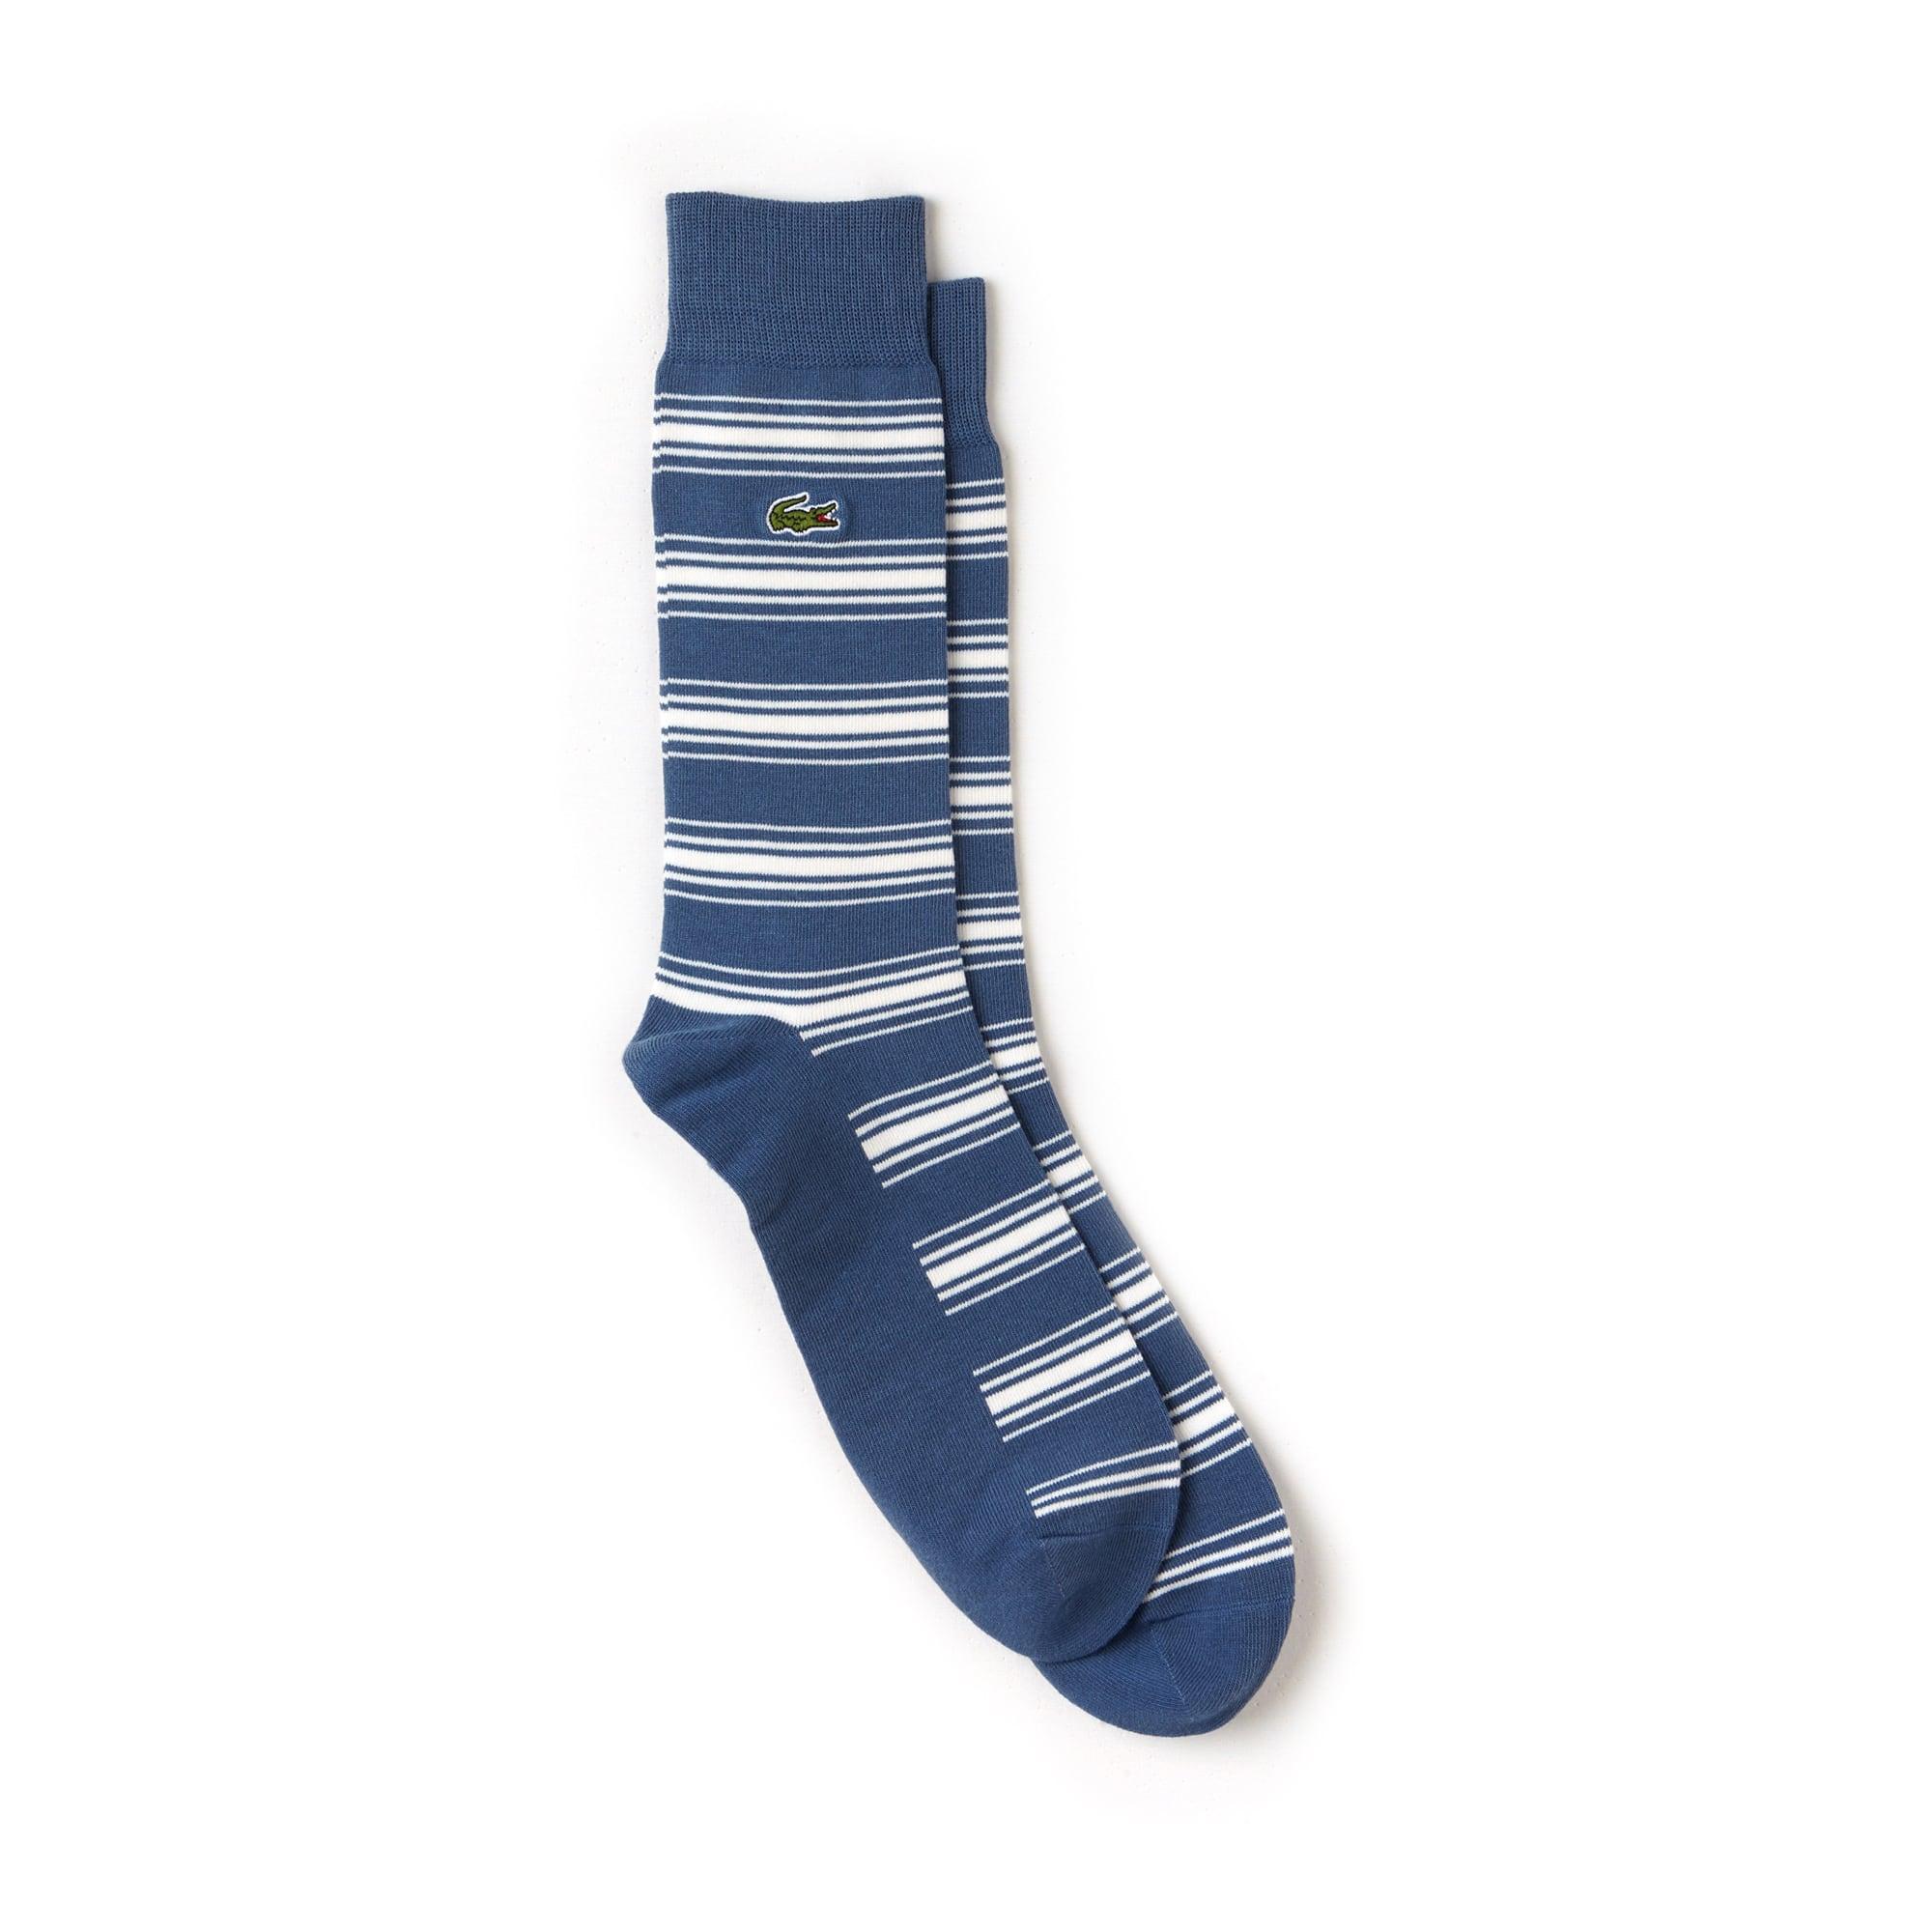 Chaussettes en jersey de coton stretch à rayures